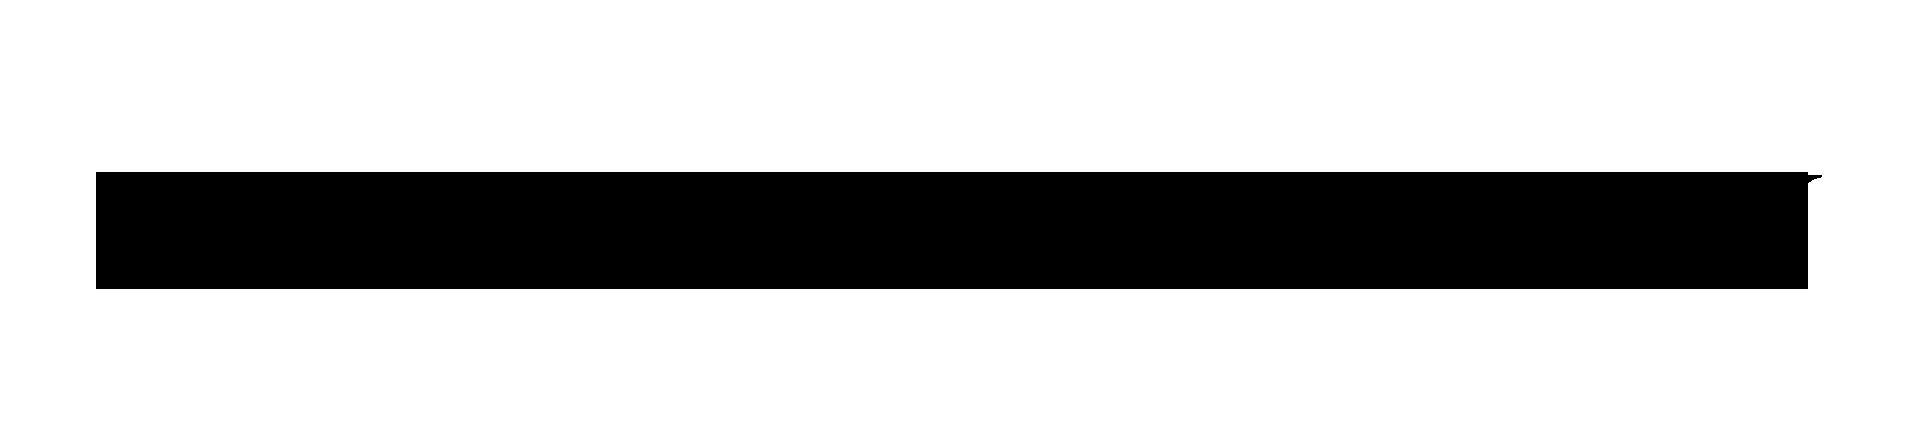 gal_blk_logo_3.png